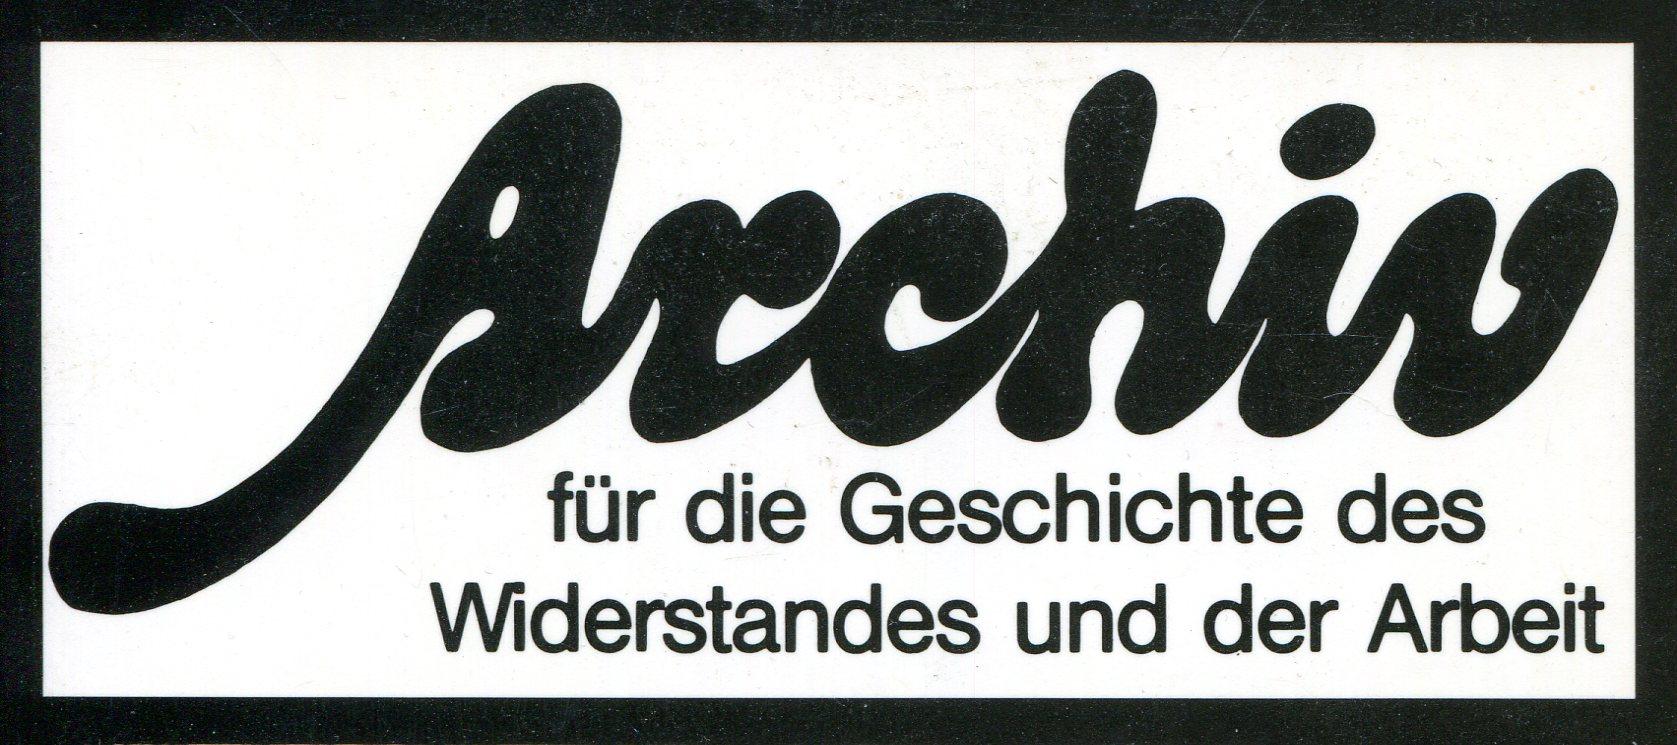 Archiv für die Geschichte des Widerstandes und der Arbeit